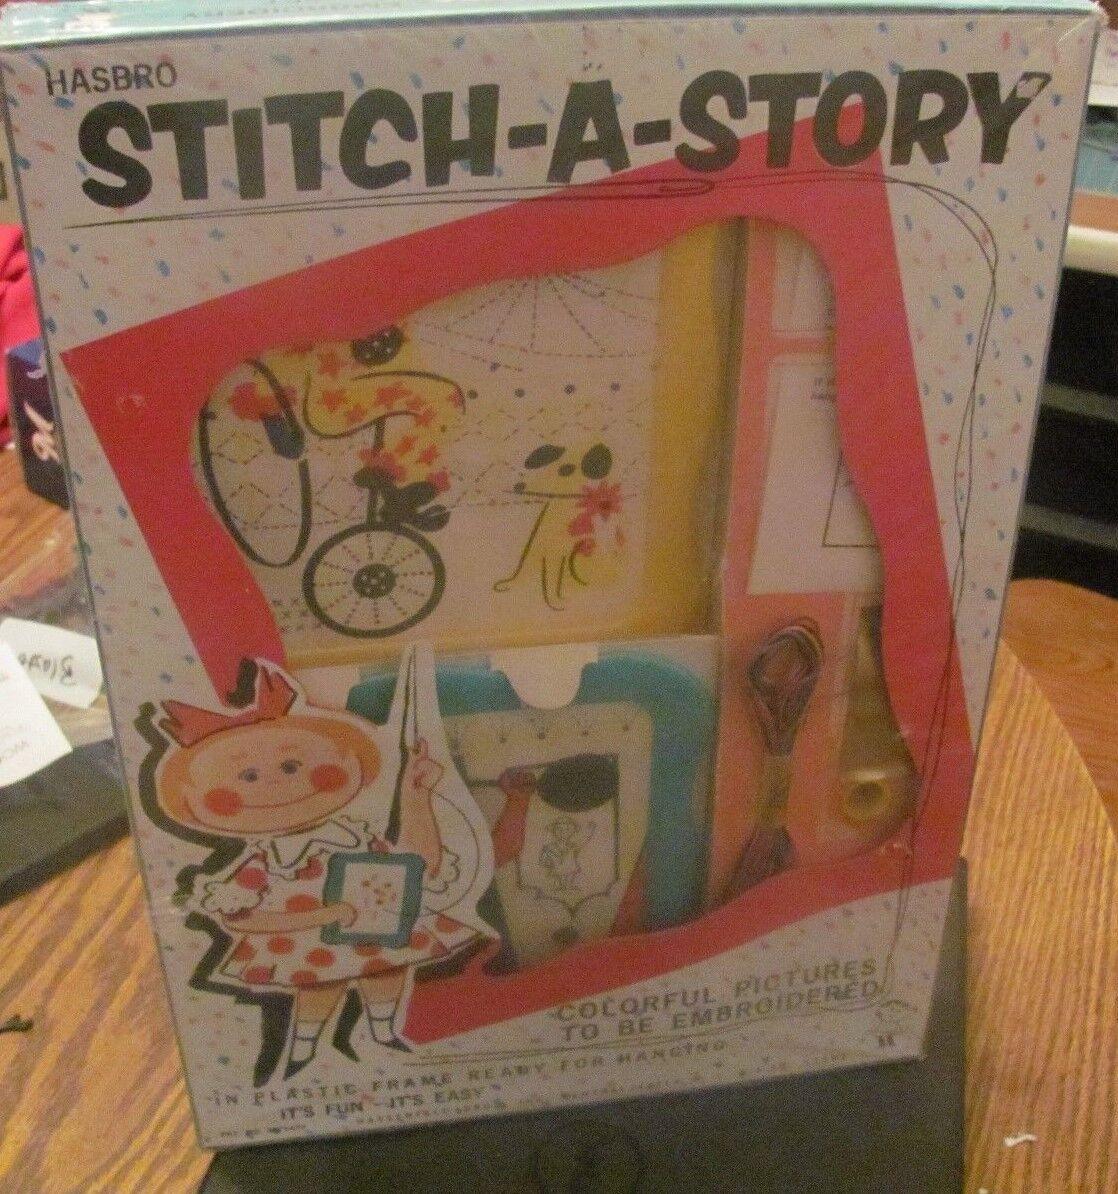 Vintage Vintage Vintage Hasbro Stitch-A-Story NEW SEALED 1960s 7b2410